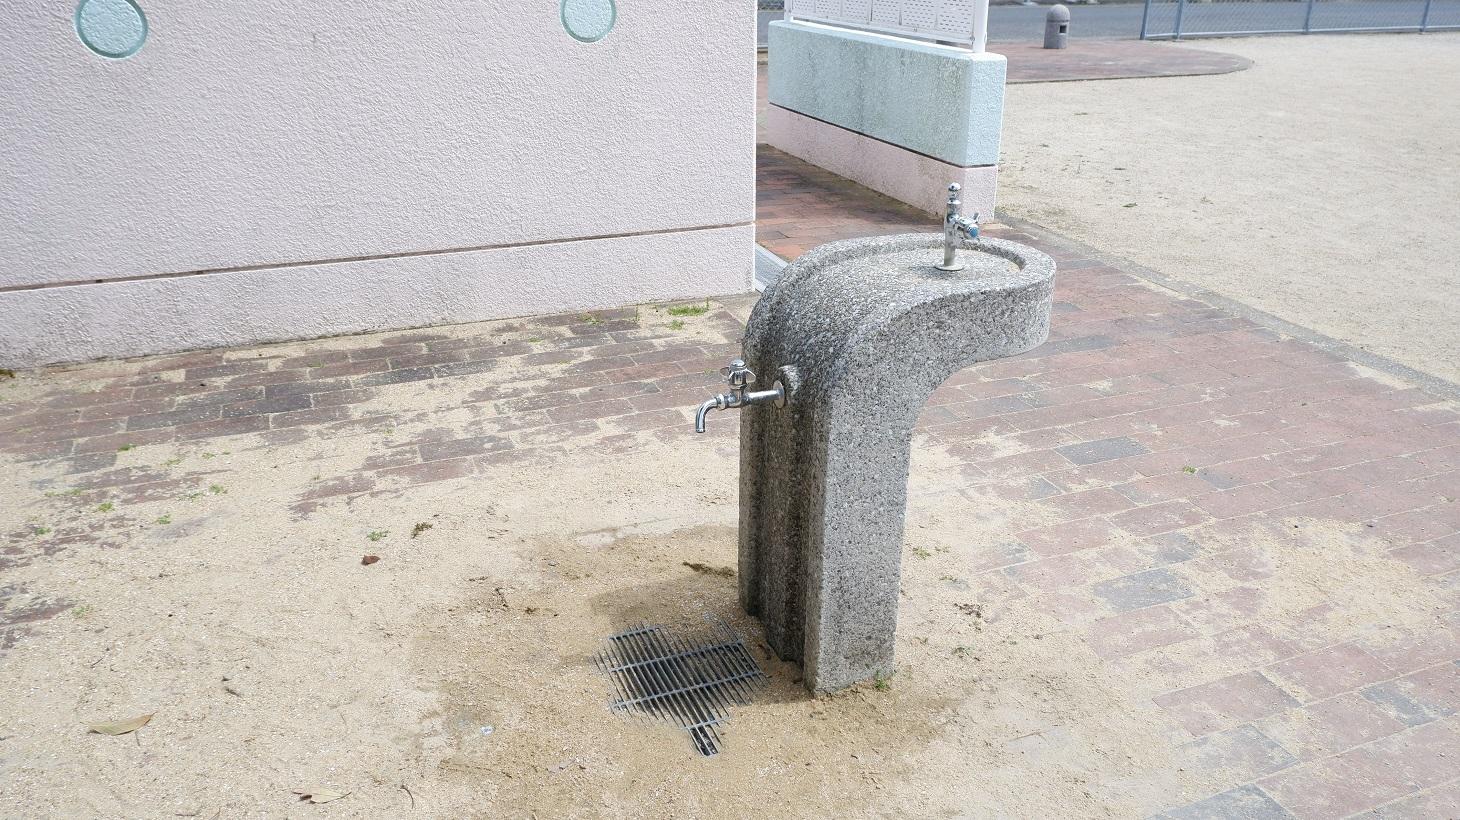 権常寺公園 水道